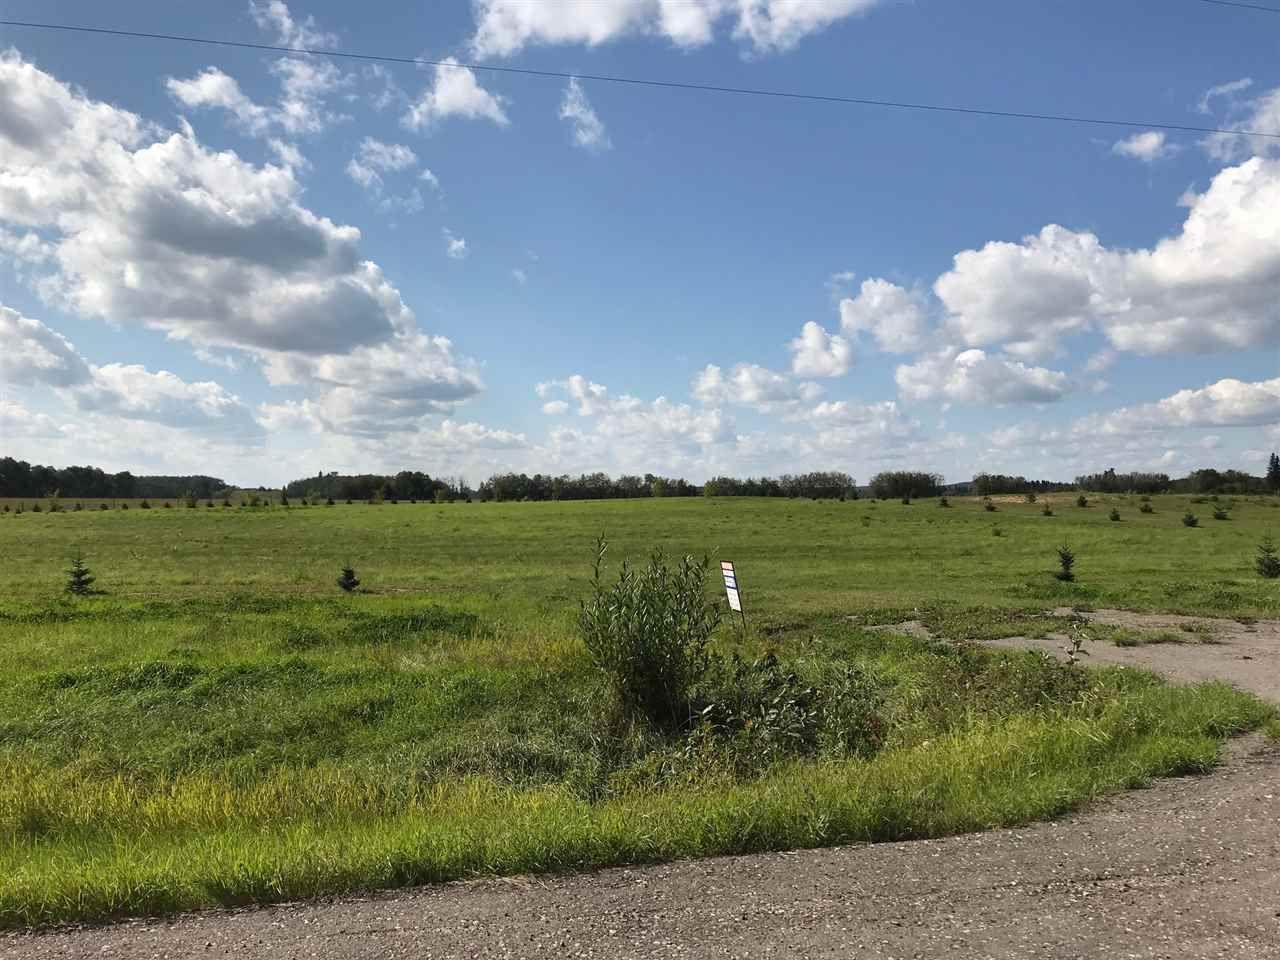 Main Photo: 63024 Rge Rd 414: Rural Bonnyville M.D. Rural Land/Vacant Lot for sale : MLS®# E4118881